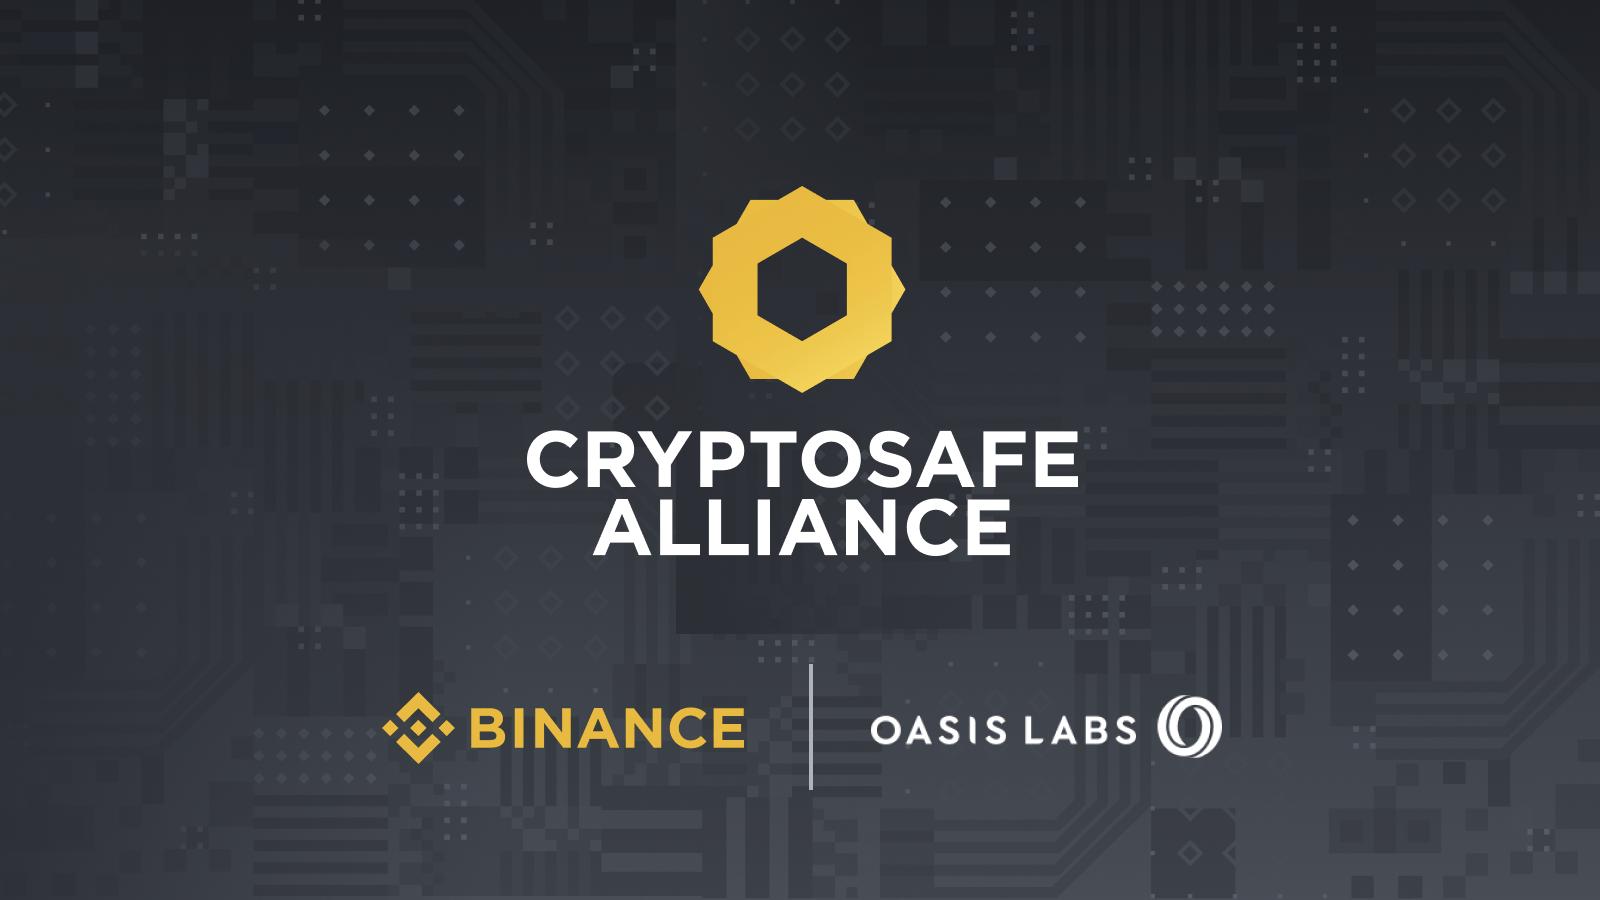 Binance forma la Alianza CryptoSafe junto a Oasis Labs para analizar fraudes en el mundo criptográfico